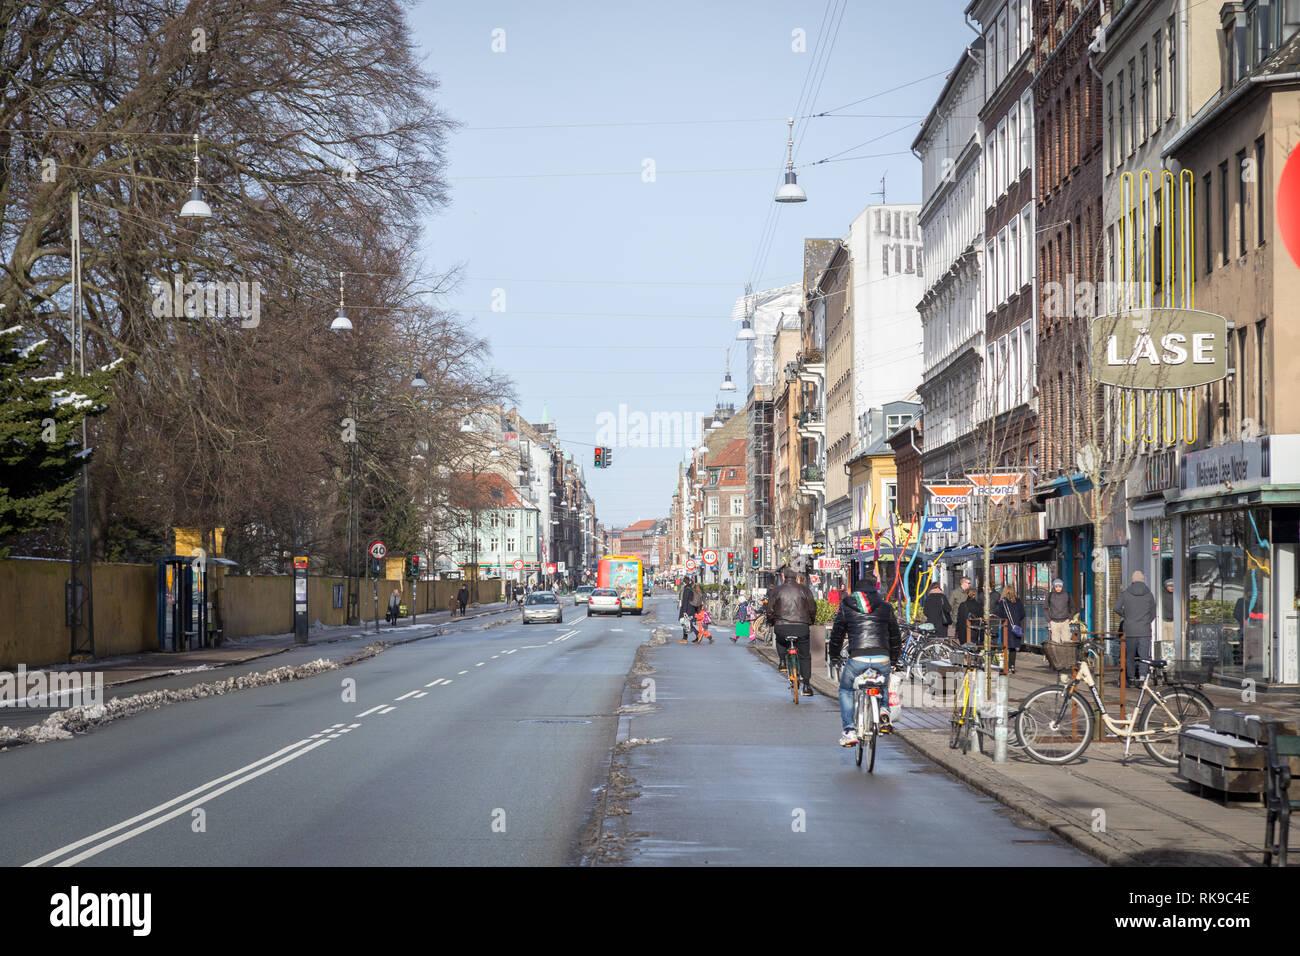 Norrebrogade in Norrebro district in Copenhagen, Denmark - Stock Image